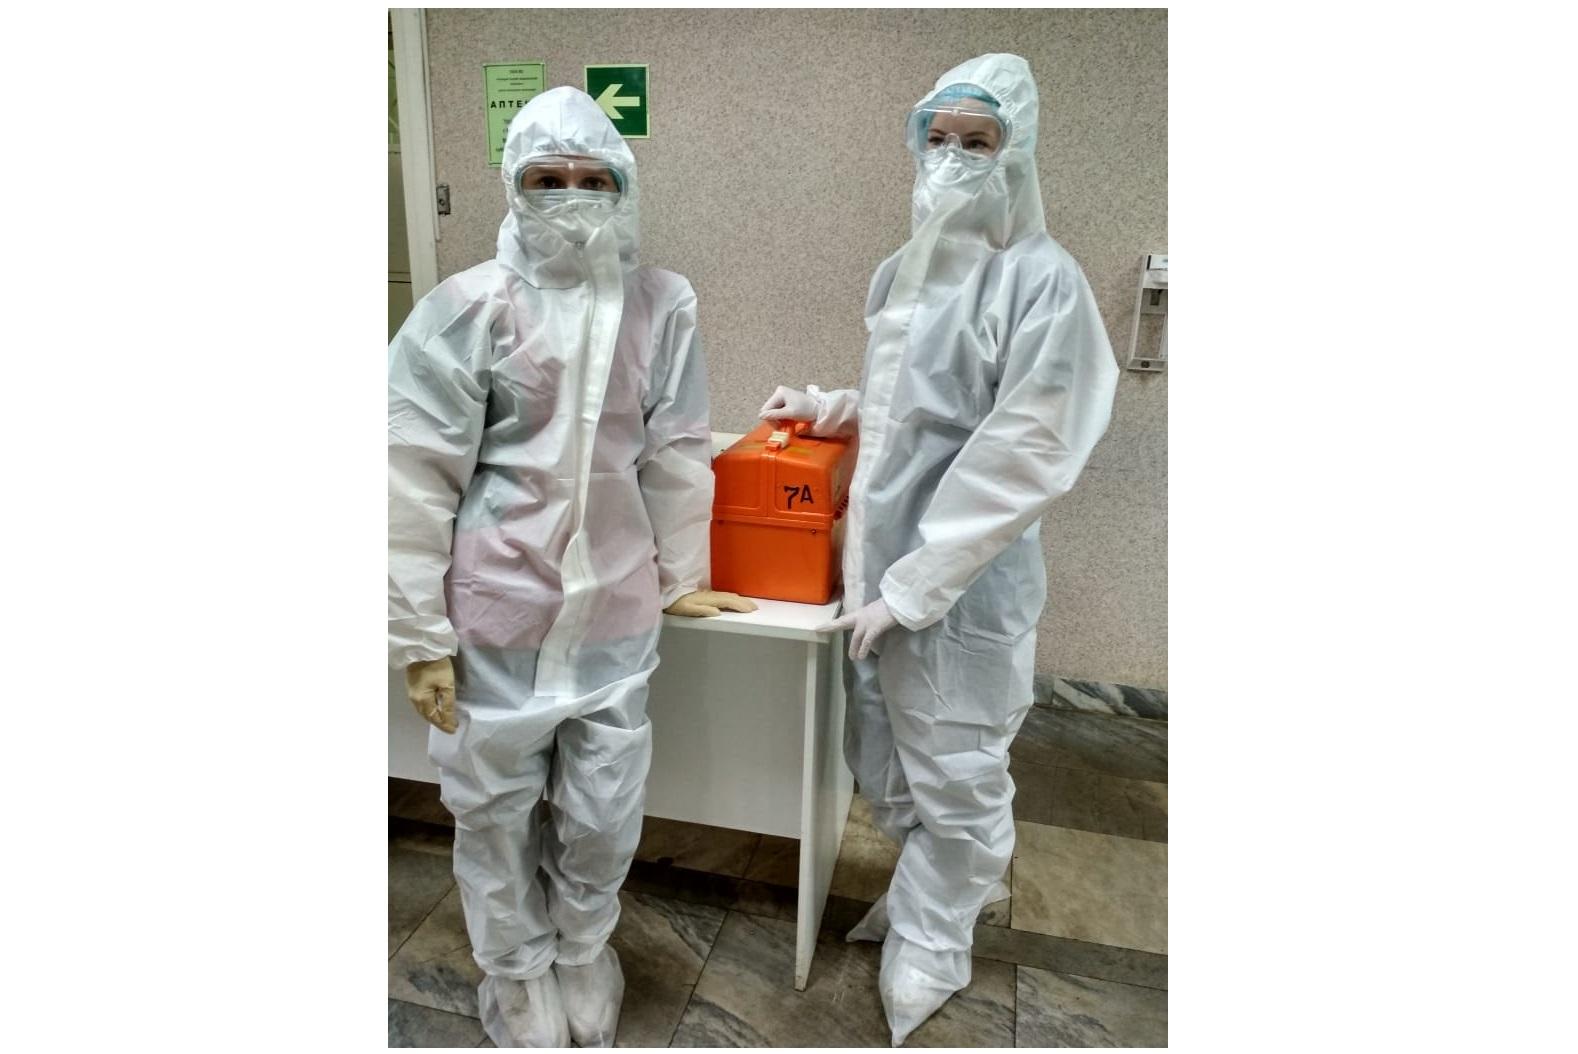 18 молодых специалистов пришли работать на Ярославскую станцию скорой помощи